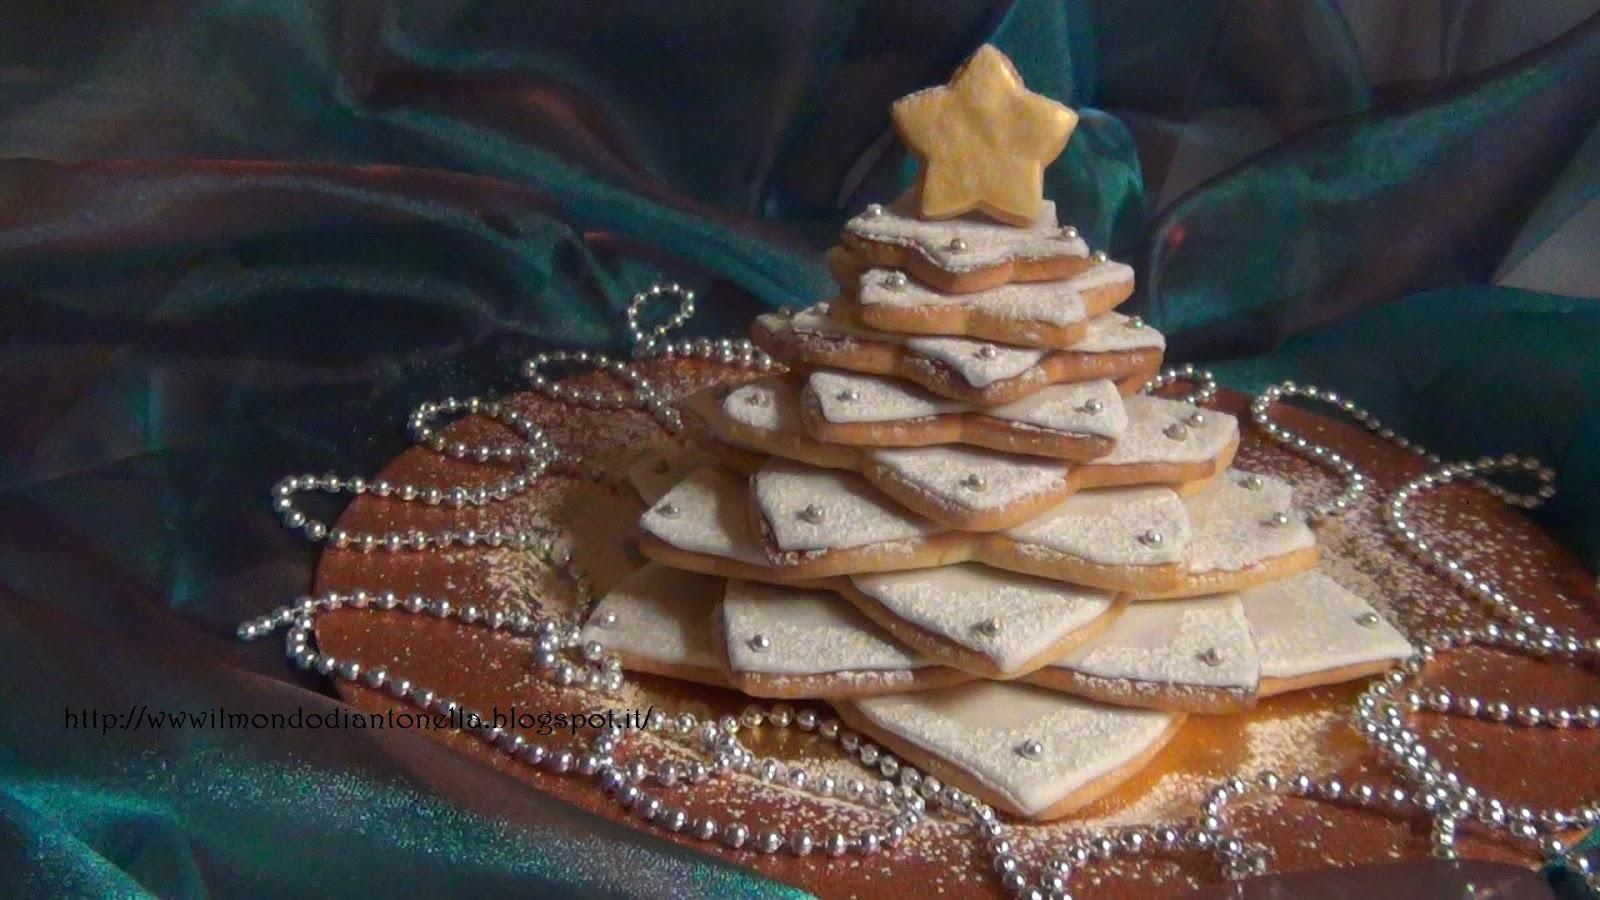 Albero Di Natale Fatto Con I Biscotti.Il Bellissimo Mondo Di Antonella Decorating Albero Di Natale Fatto